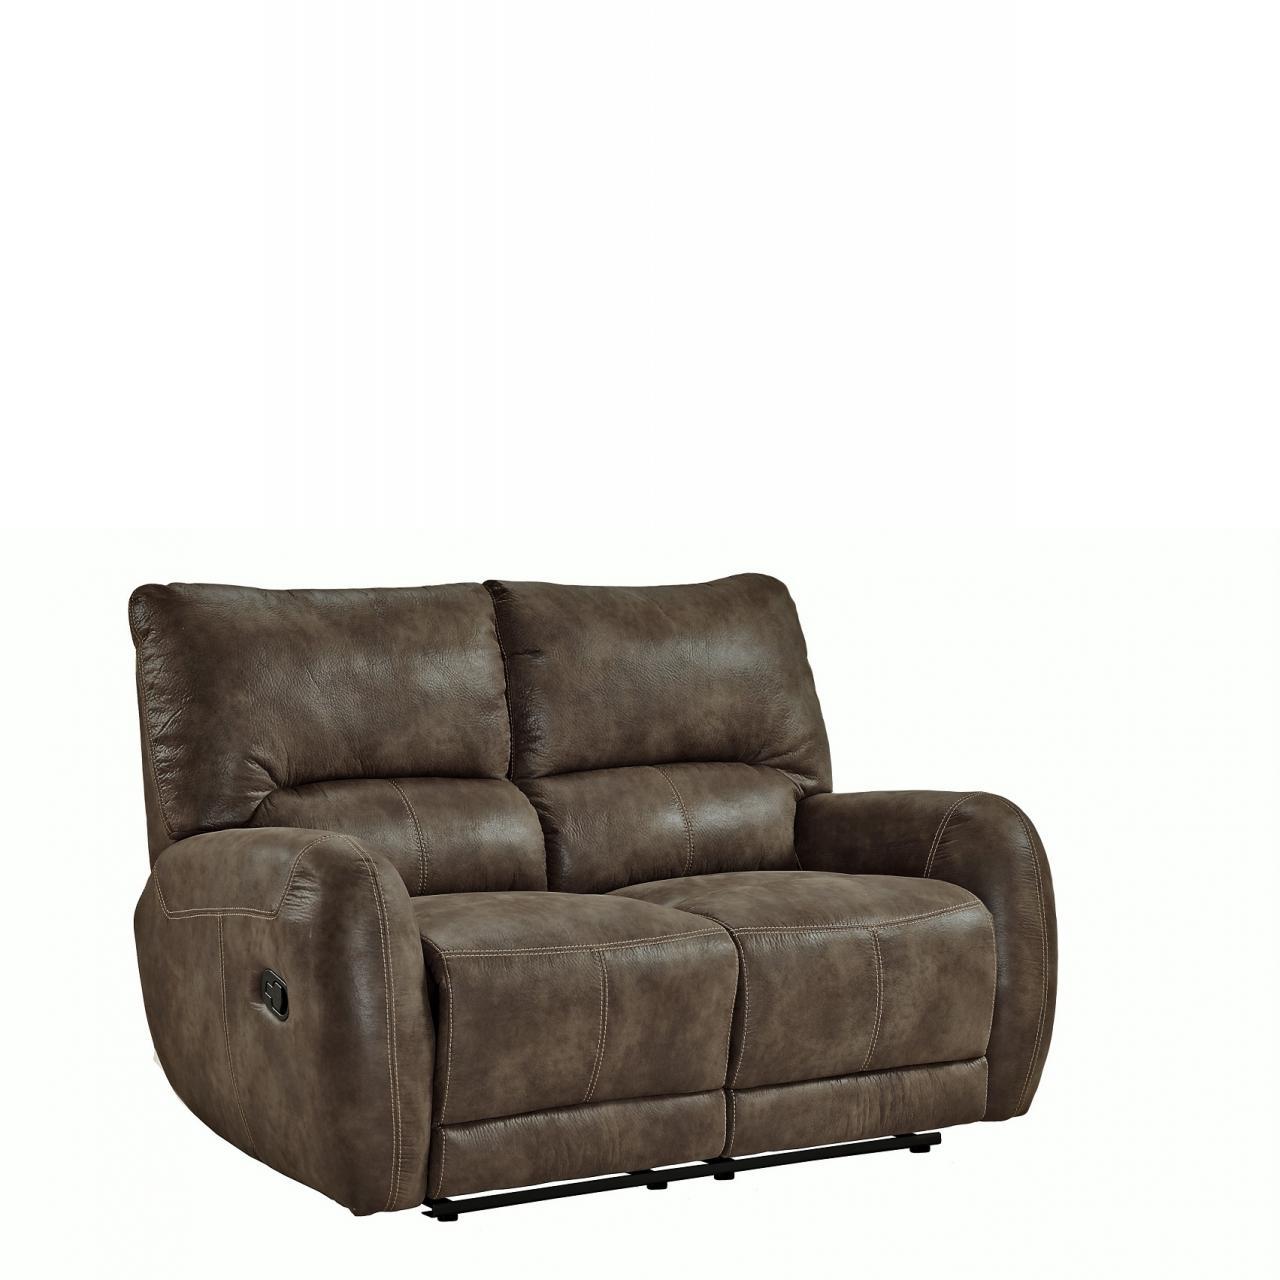 2er Sofa Fm 373 2 Braun Relaxfunktion Couch Polstergarnitur Stoff Wohnzimmer